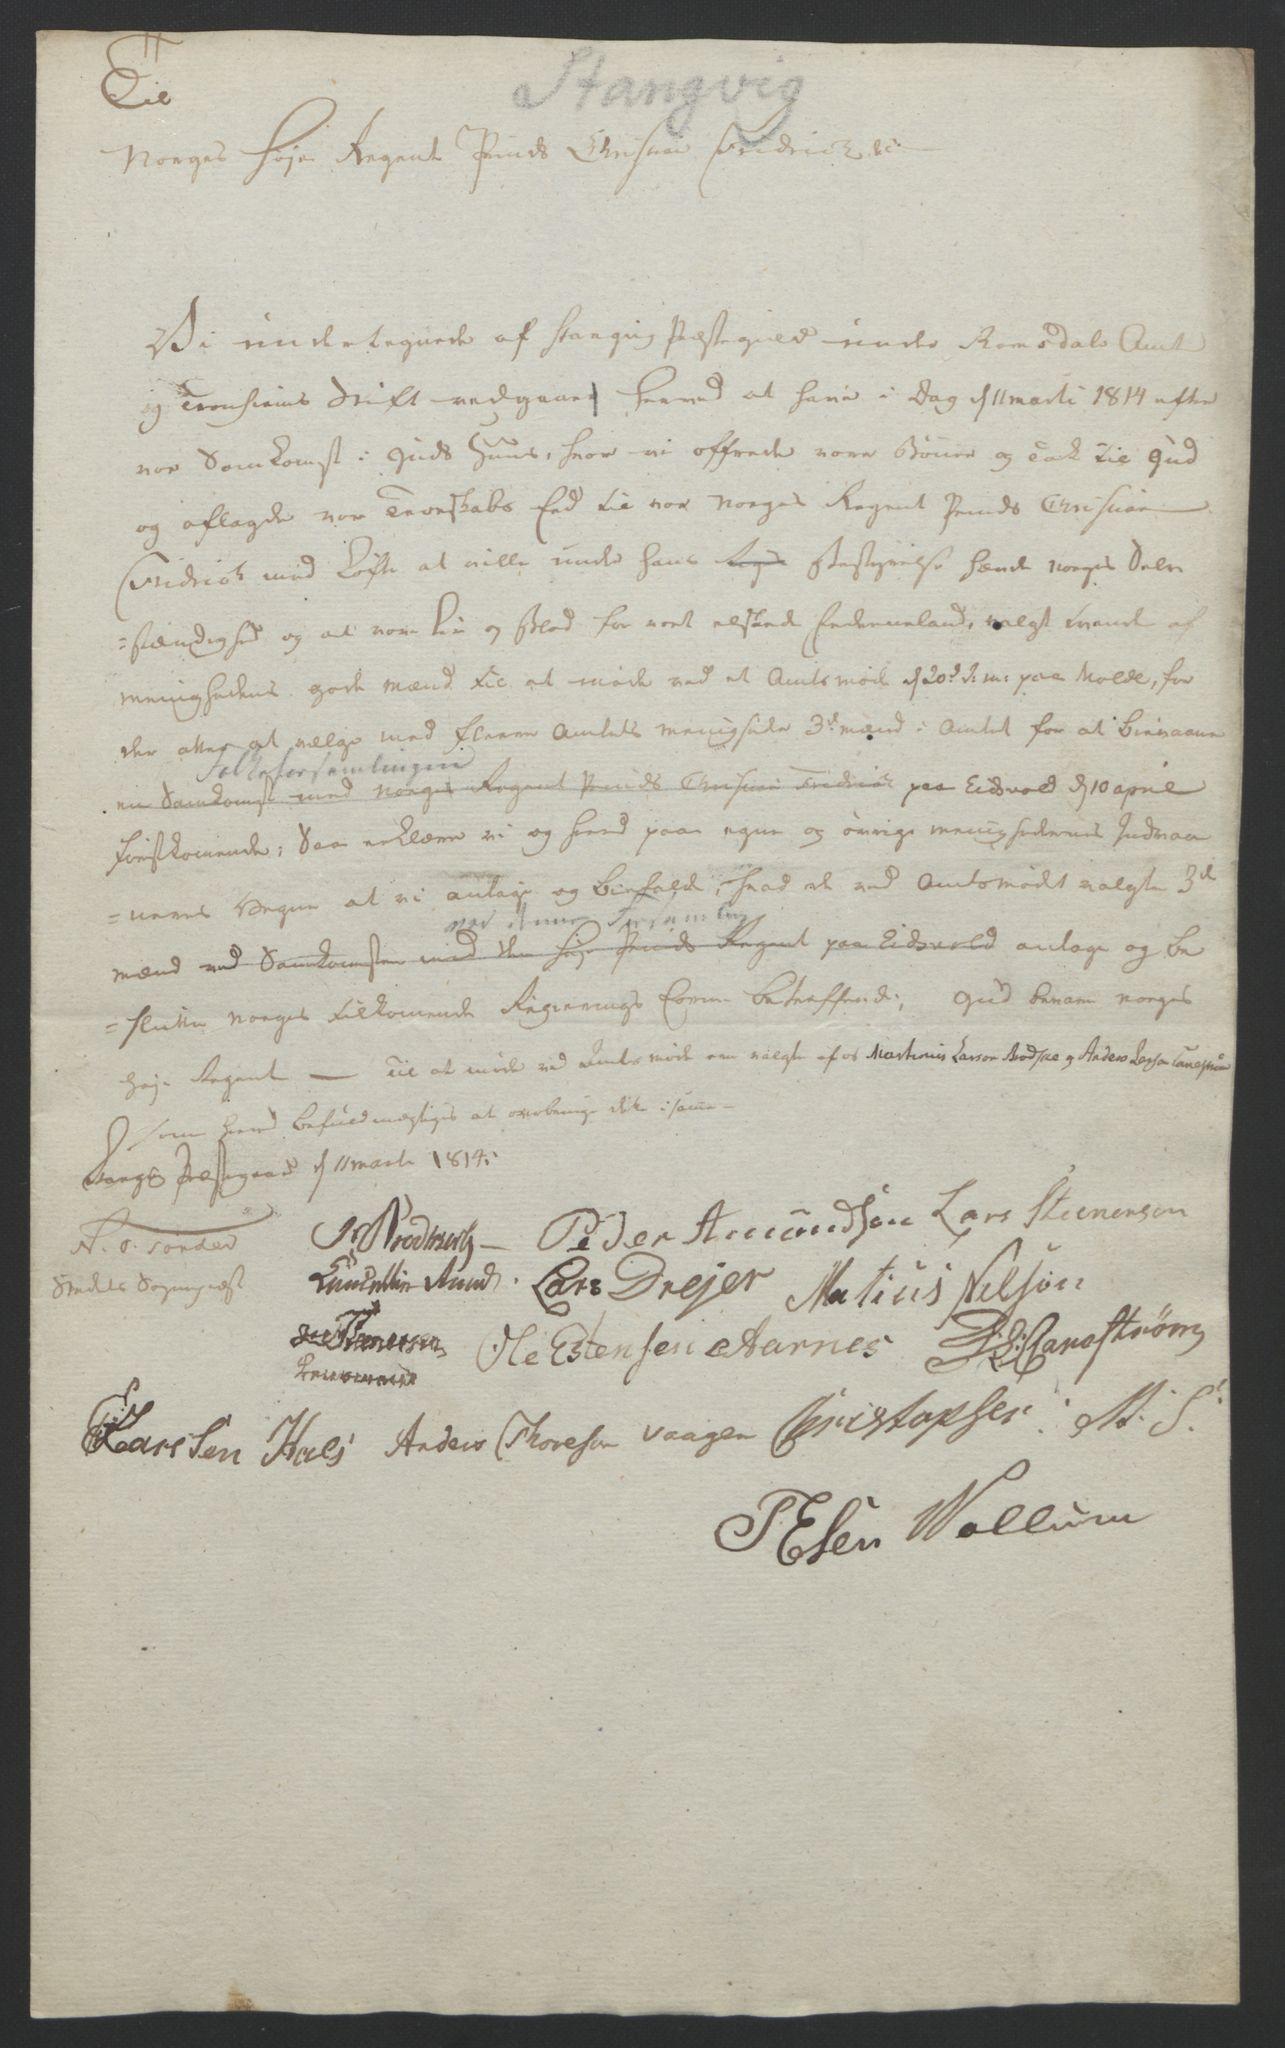 RA, Statsrådssekretariatet, D/Db/L0008: Fullmakter for Eidsvollsrepresentantene i 1814. , 1814, s. 397